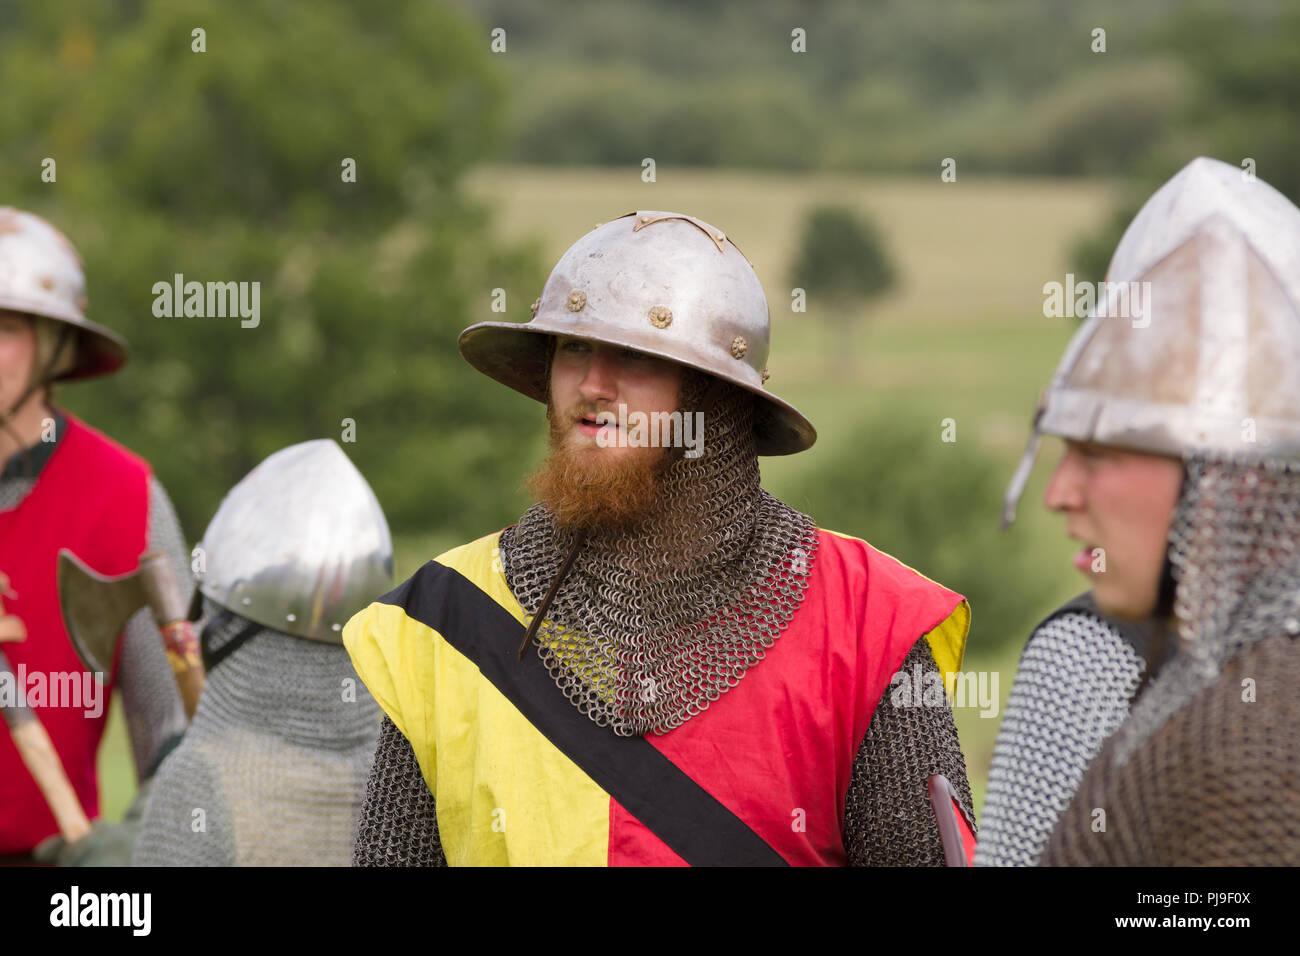 2c1306eb77611 Batalla medieval re-enactor vistiendo una hervidora hat casco de la  sociedad Ial Cwmwd reviviendo